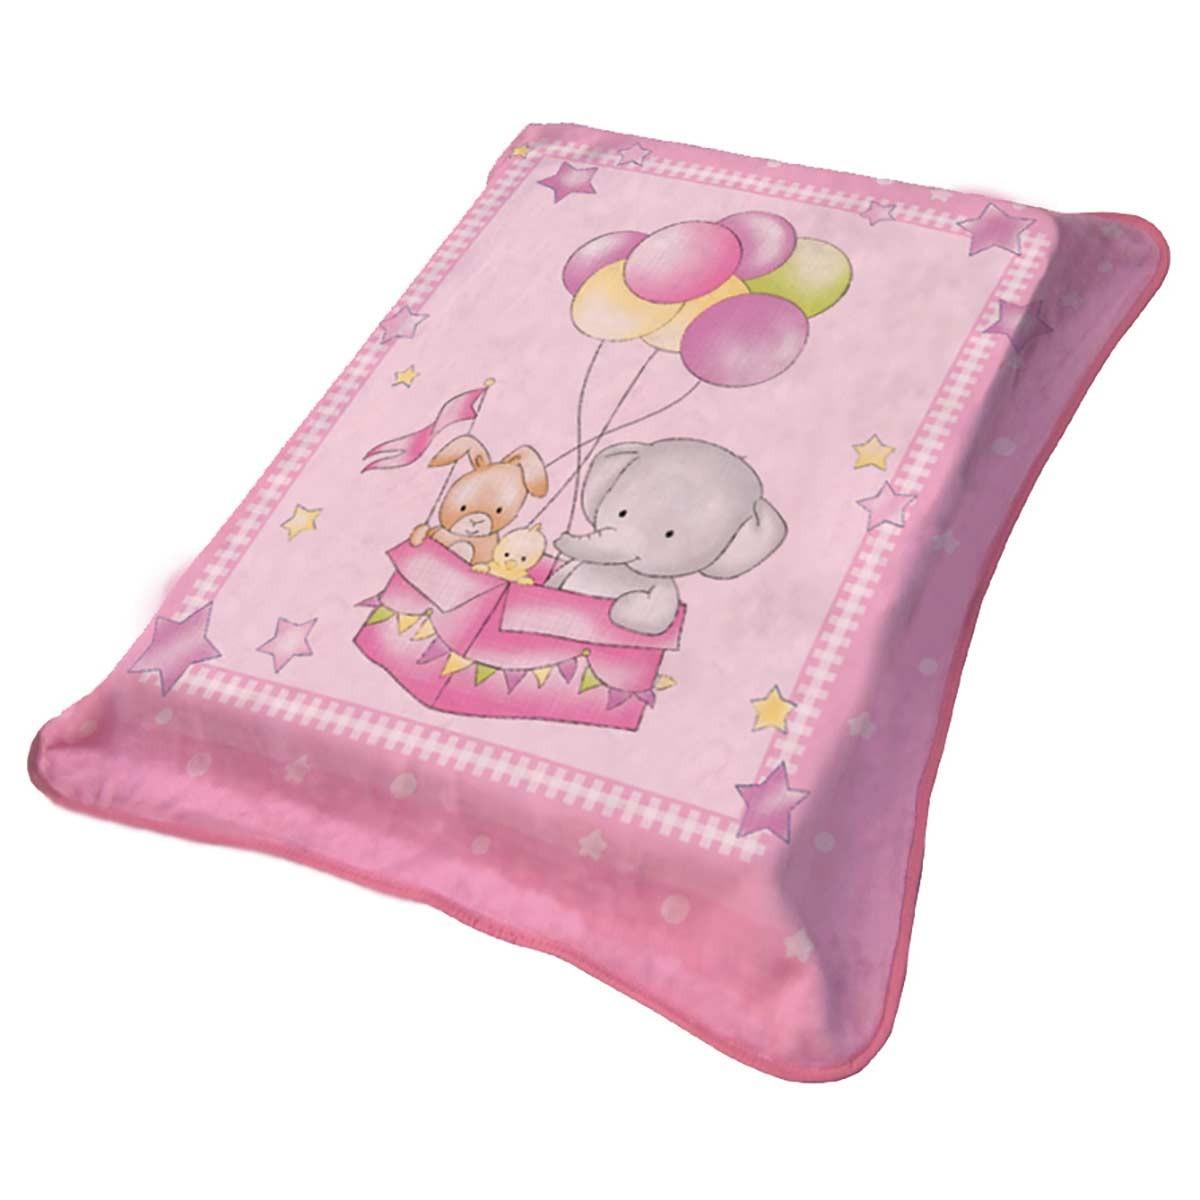 Κουβέρτα Βελουτέ Κούνιας Viopros 1024 Ροζ